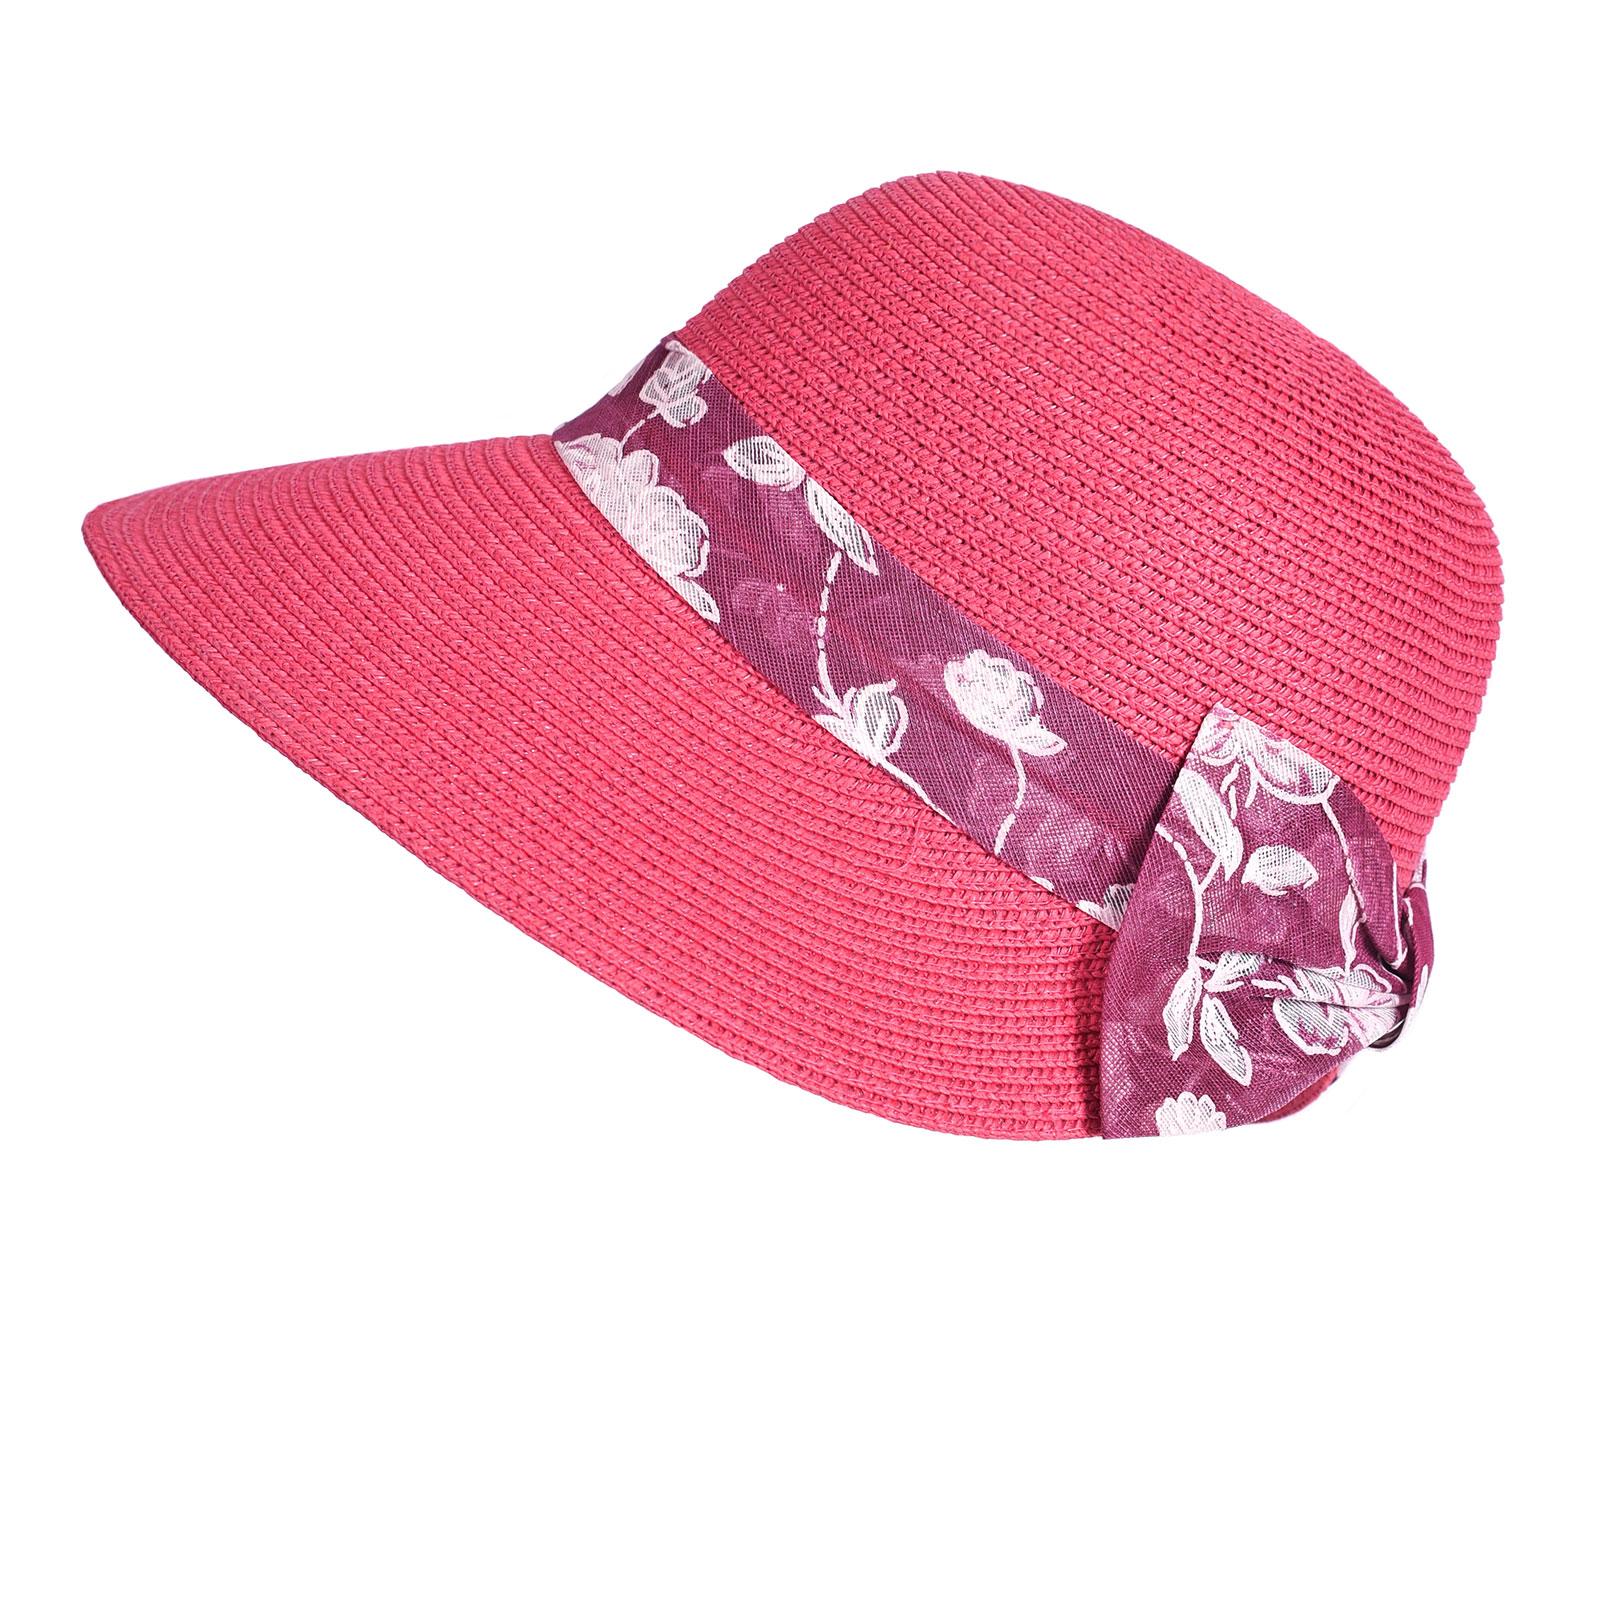 CP-00907-F16-P-chapeau-casquette-femme-rose-fuchsia